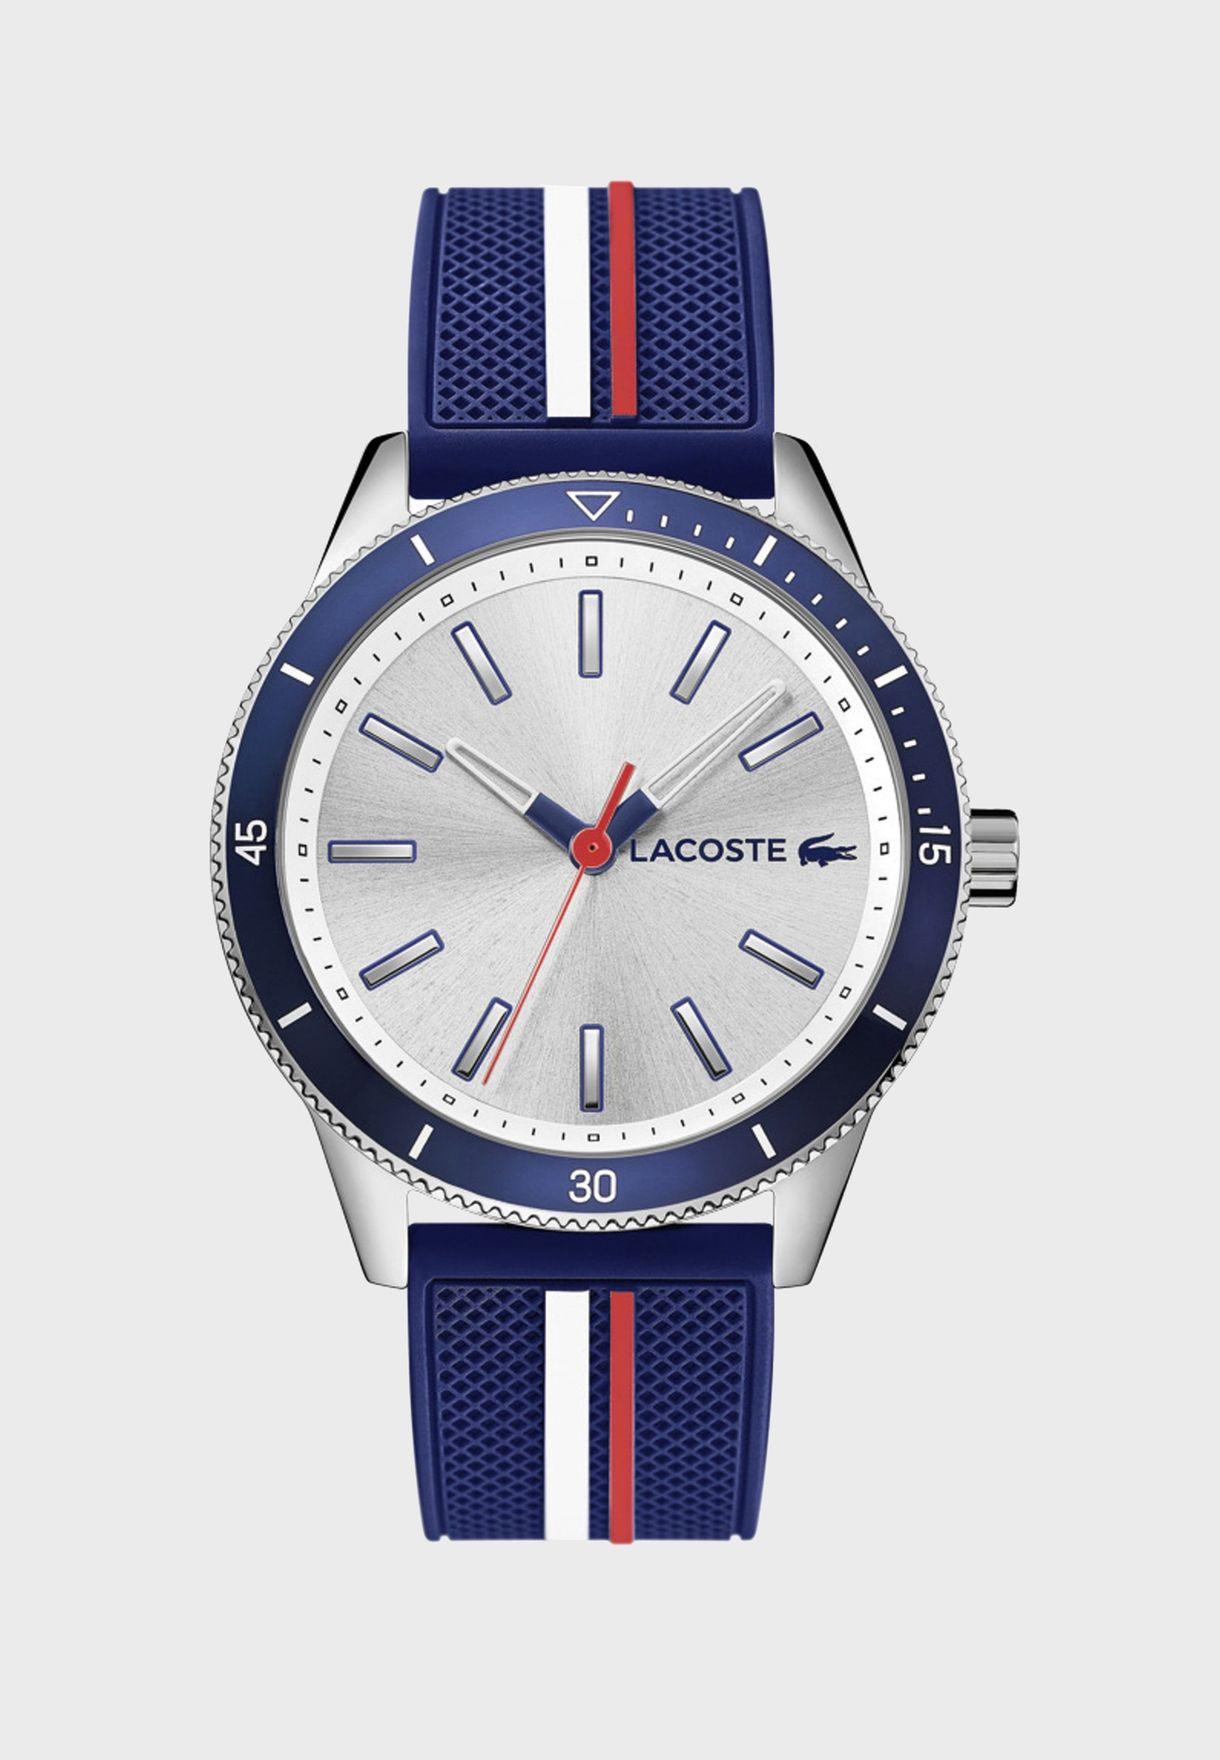 ساعة لاكوست كي ويست بسوار سيليكون للرجال - 2011006